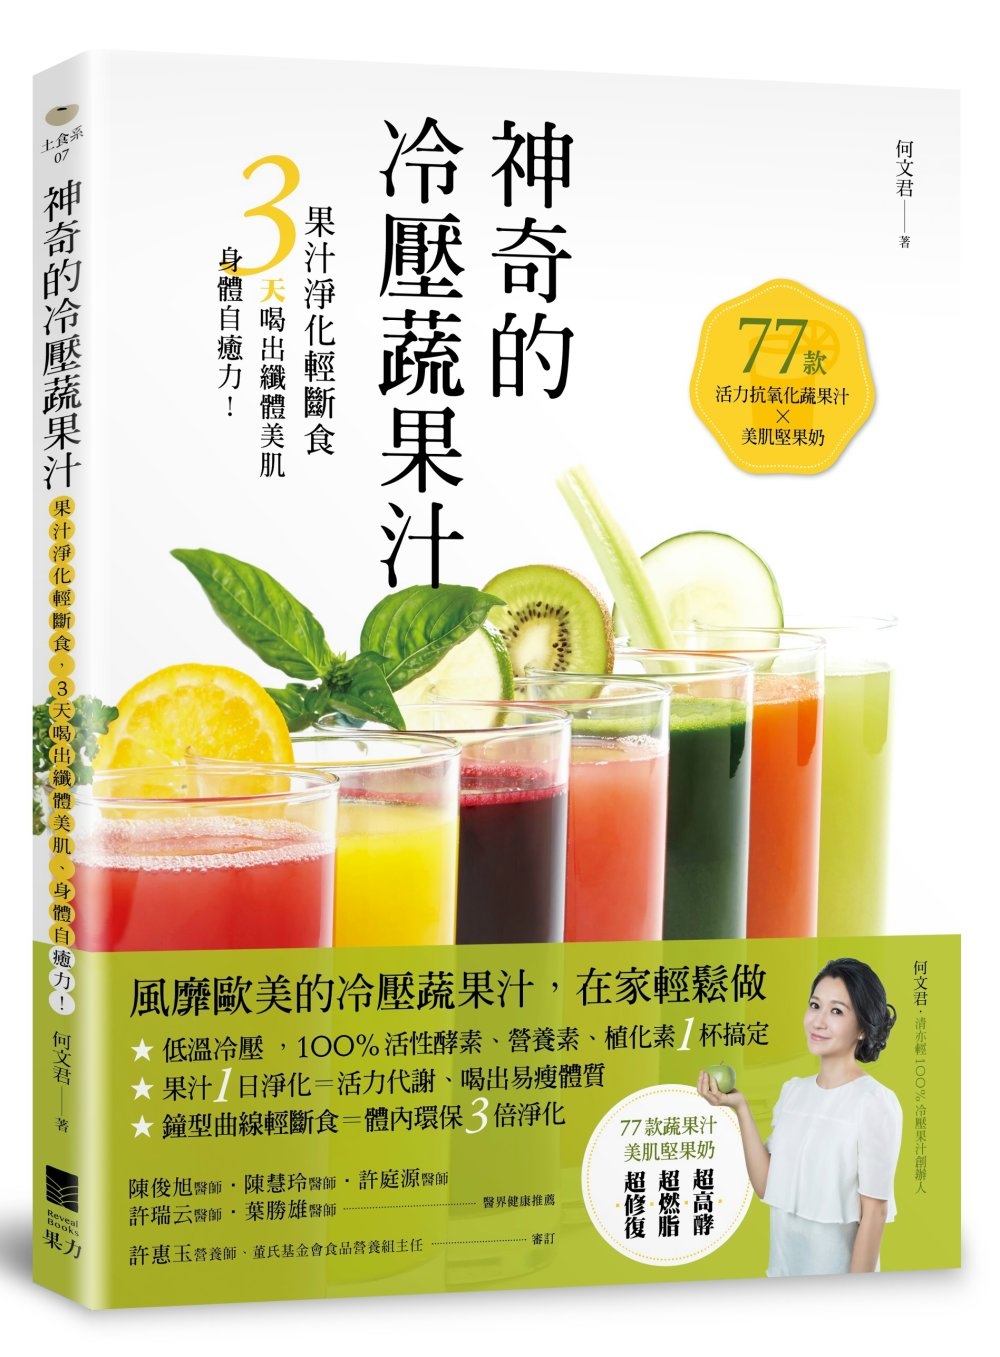 神奇的冷壓蔬果汁:果汁淨化輕斷...